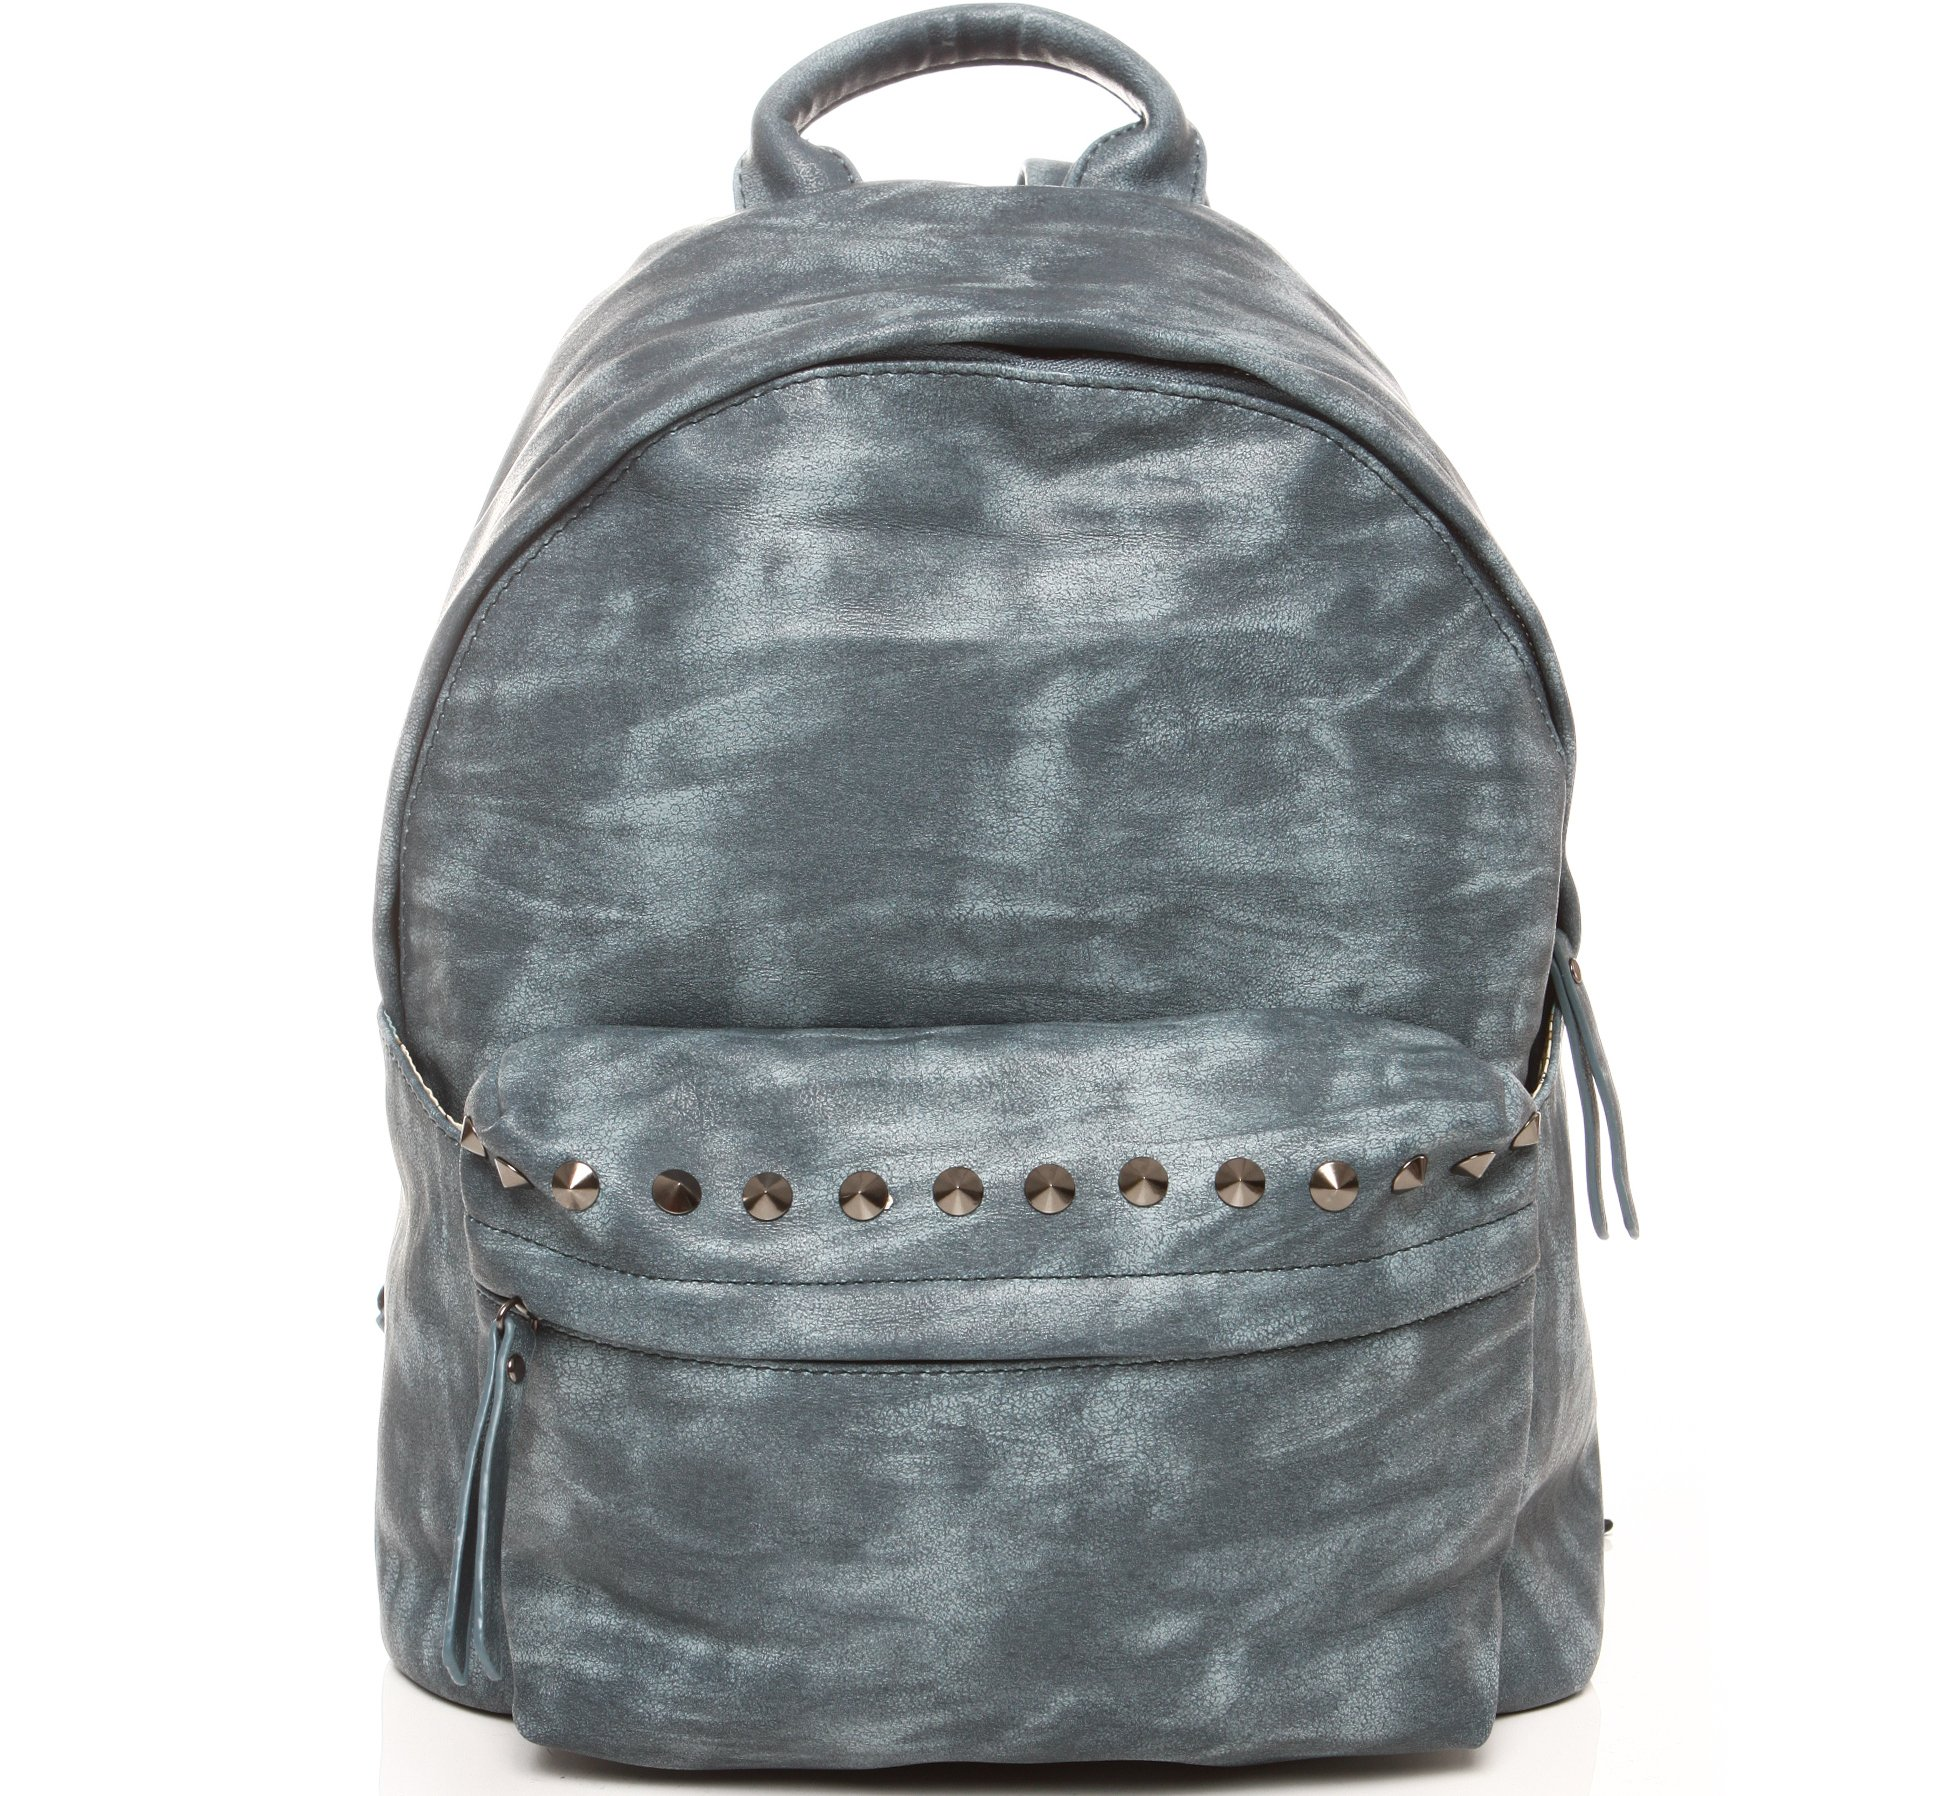 bab562f77f745 Niebieski plecak ze skóry ekologicznej ĆWIEKI 20GZ 7238555324 - Allegro.pl